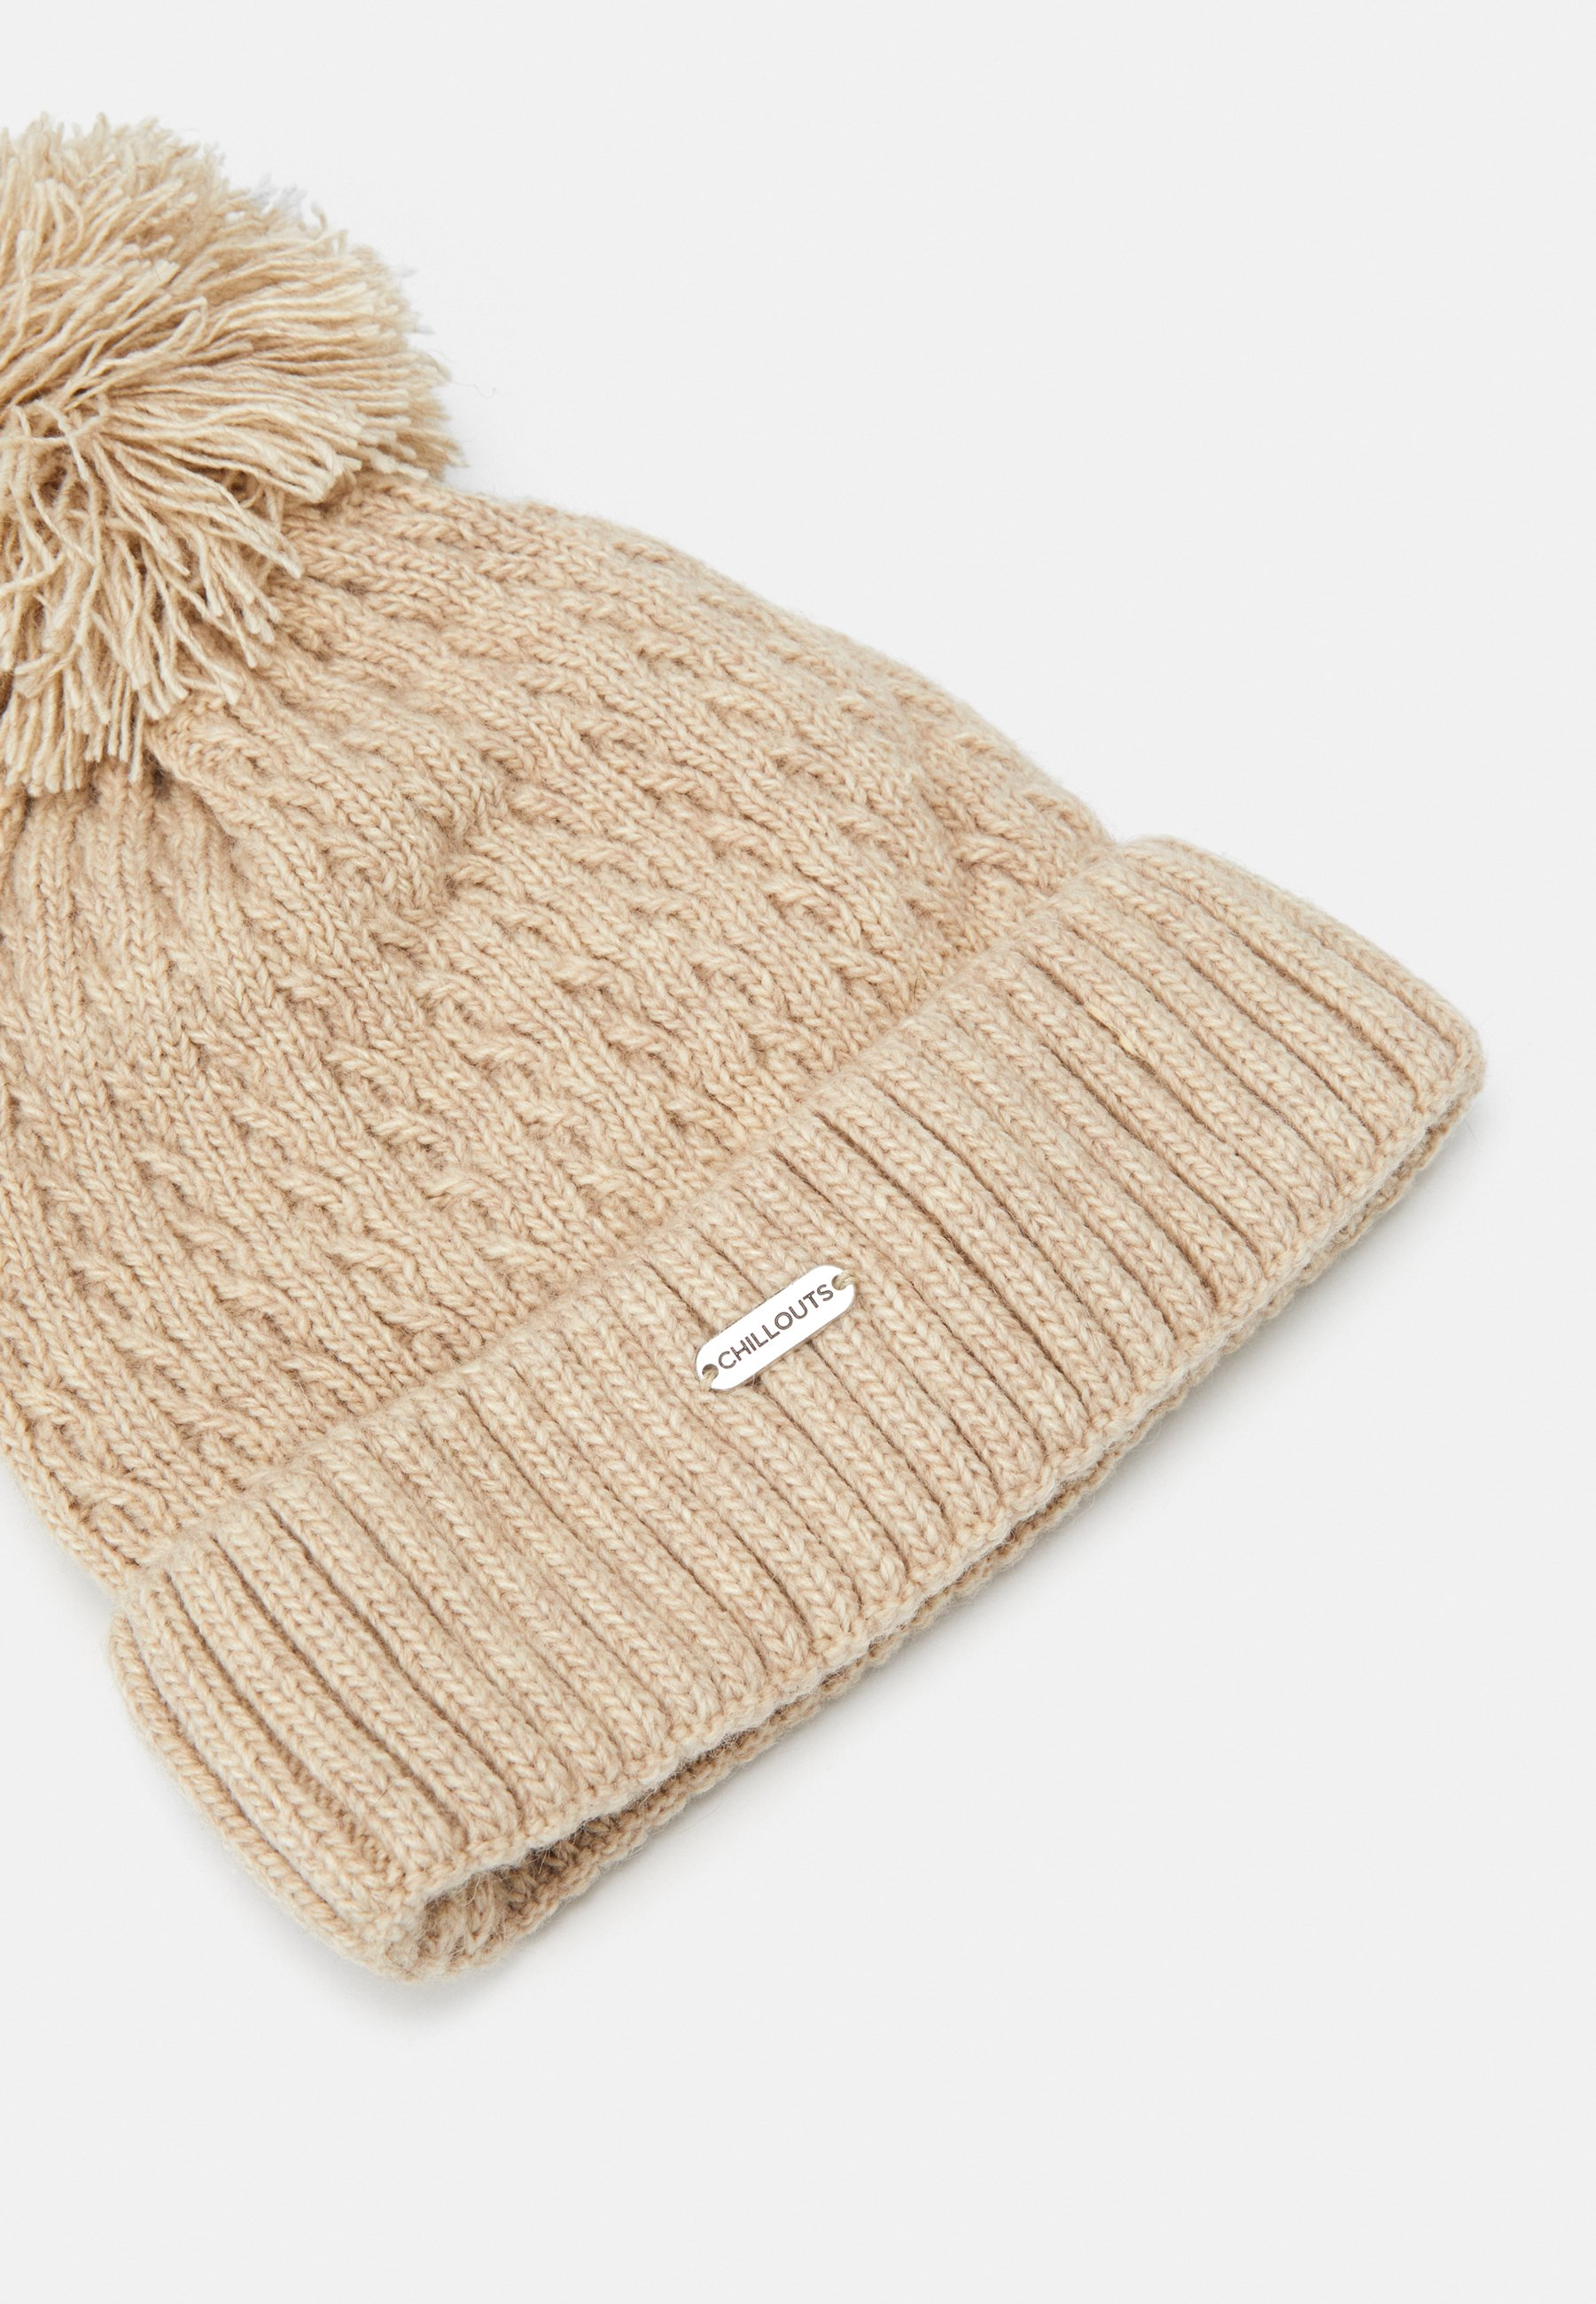 Chillouts ESTEPHANIA HAT - Lue - beige 6Wylm3T9vh2FTIP